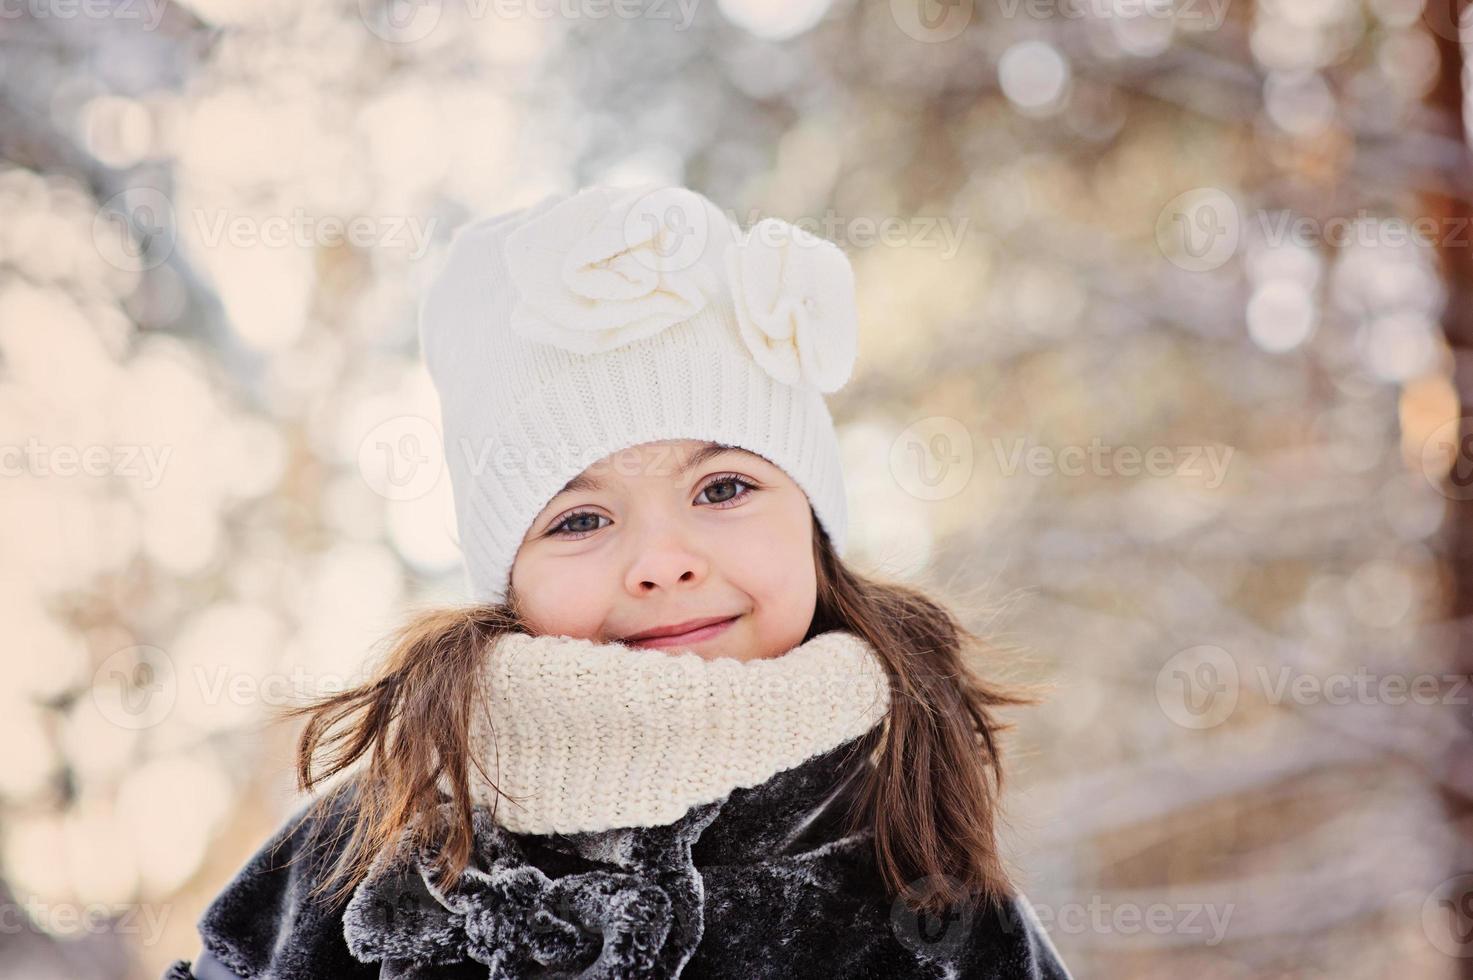 niña niño feliz en el paseo en el bosque nevado de invierno foto